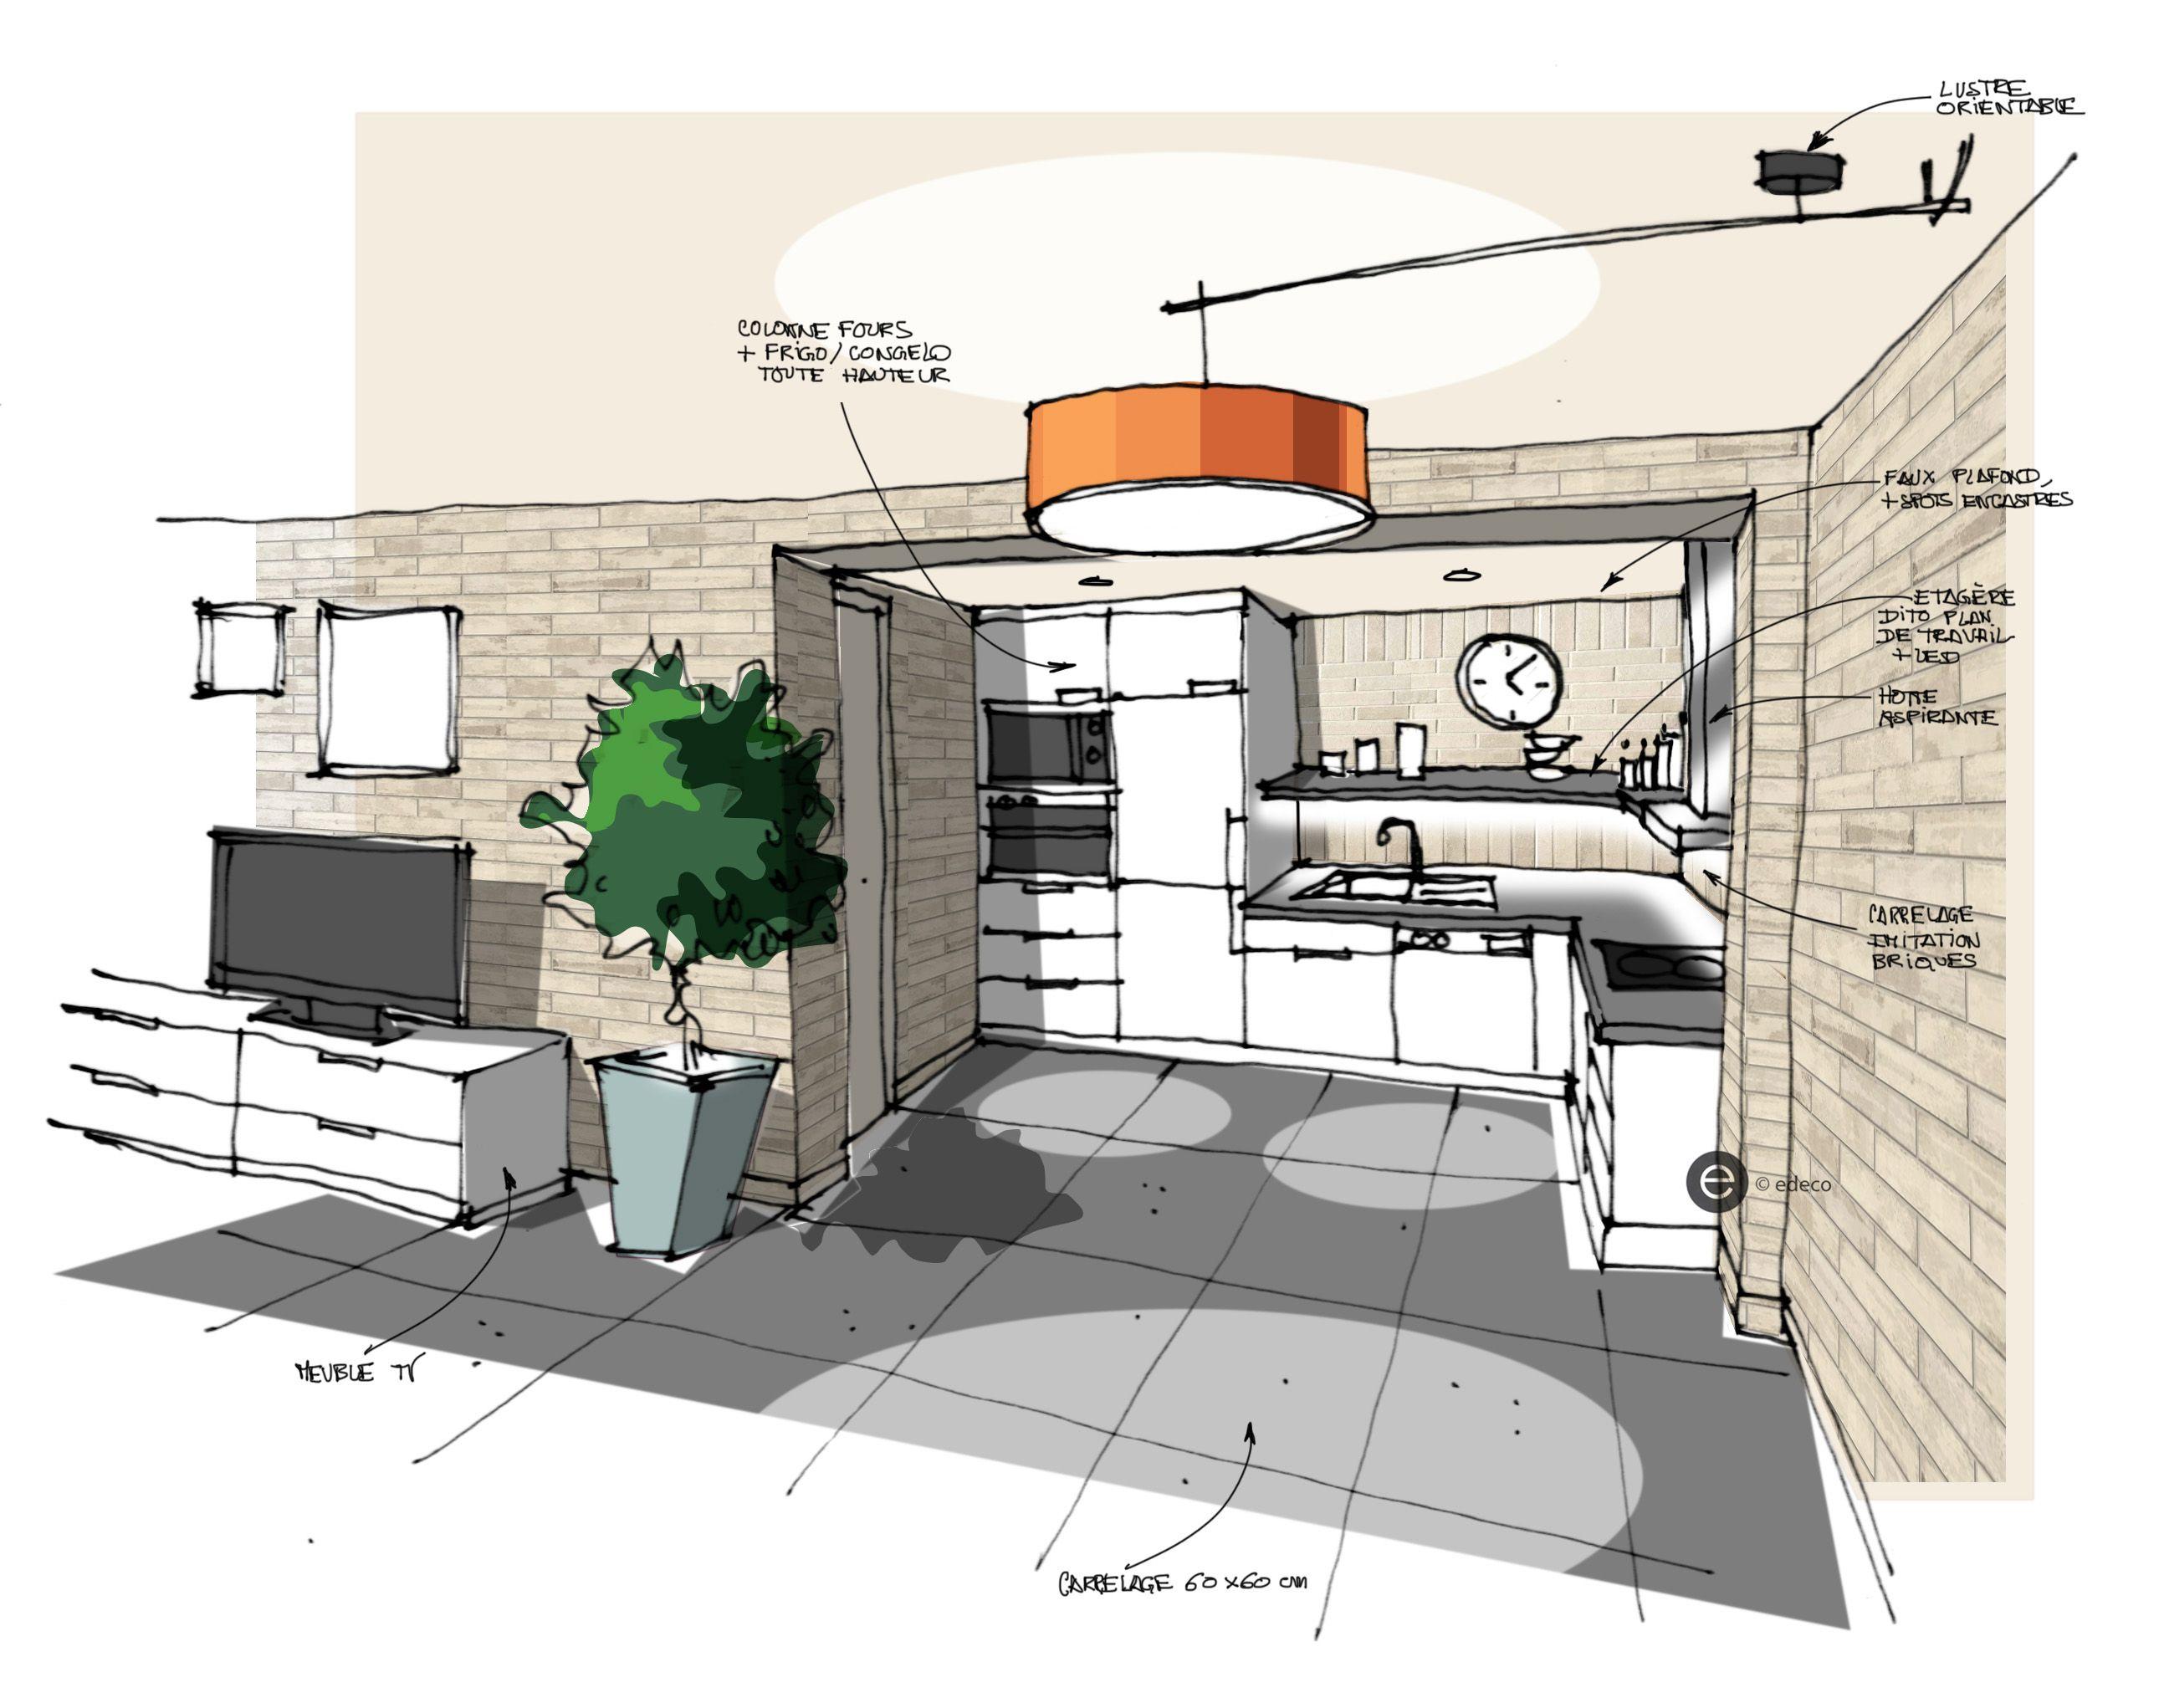 Cuisine ouverte sur salon b ton cir mur en briques for Perspective cuisine dessin